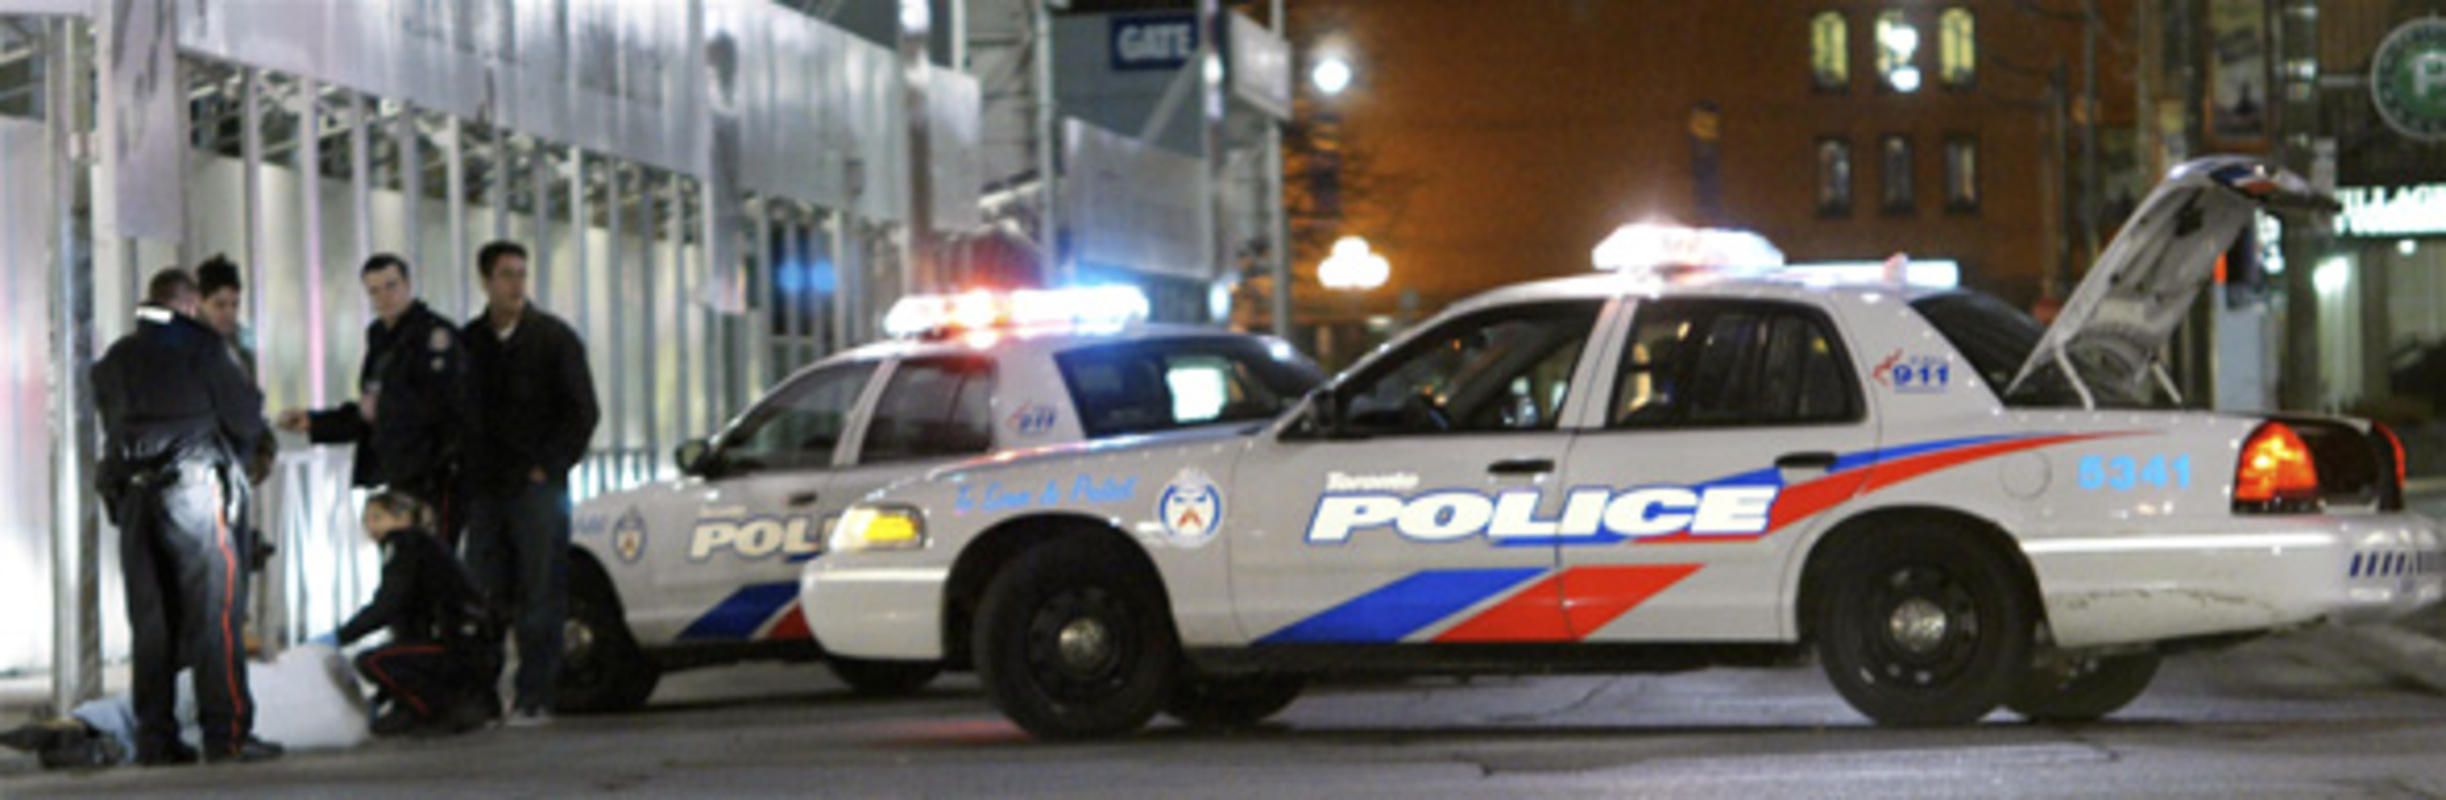 EMS Toronto